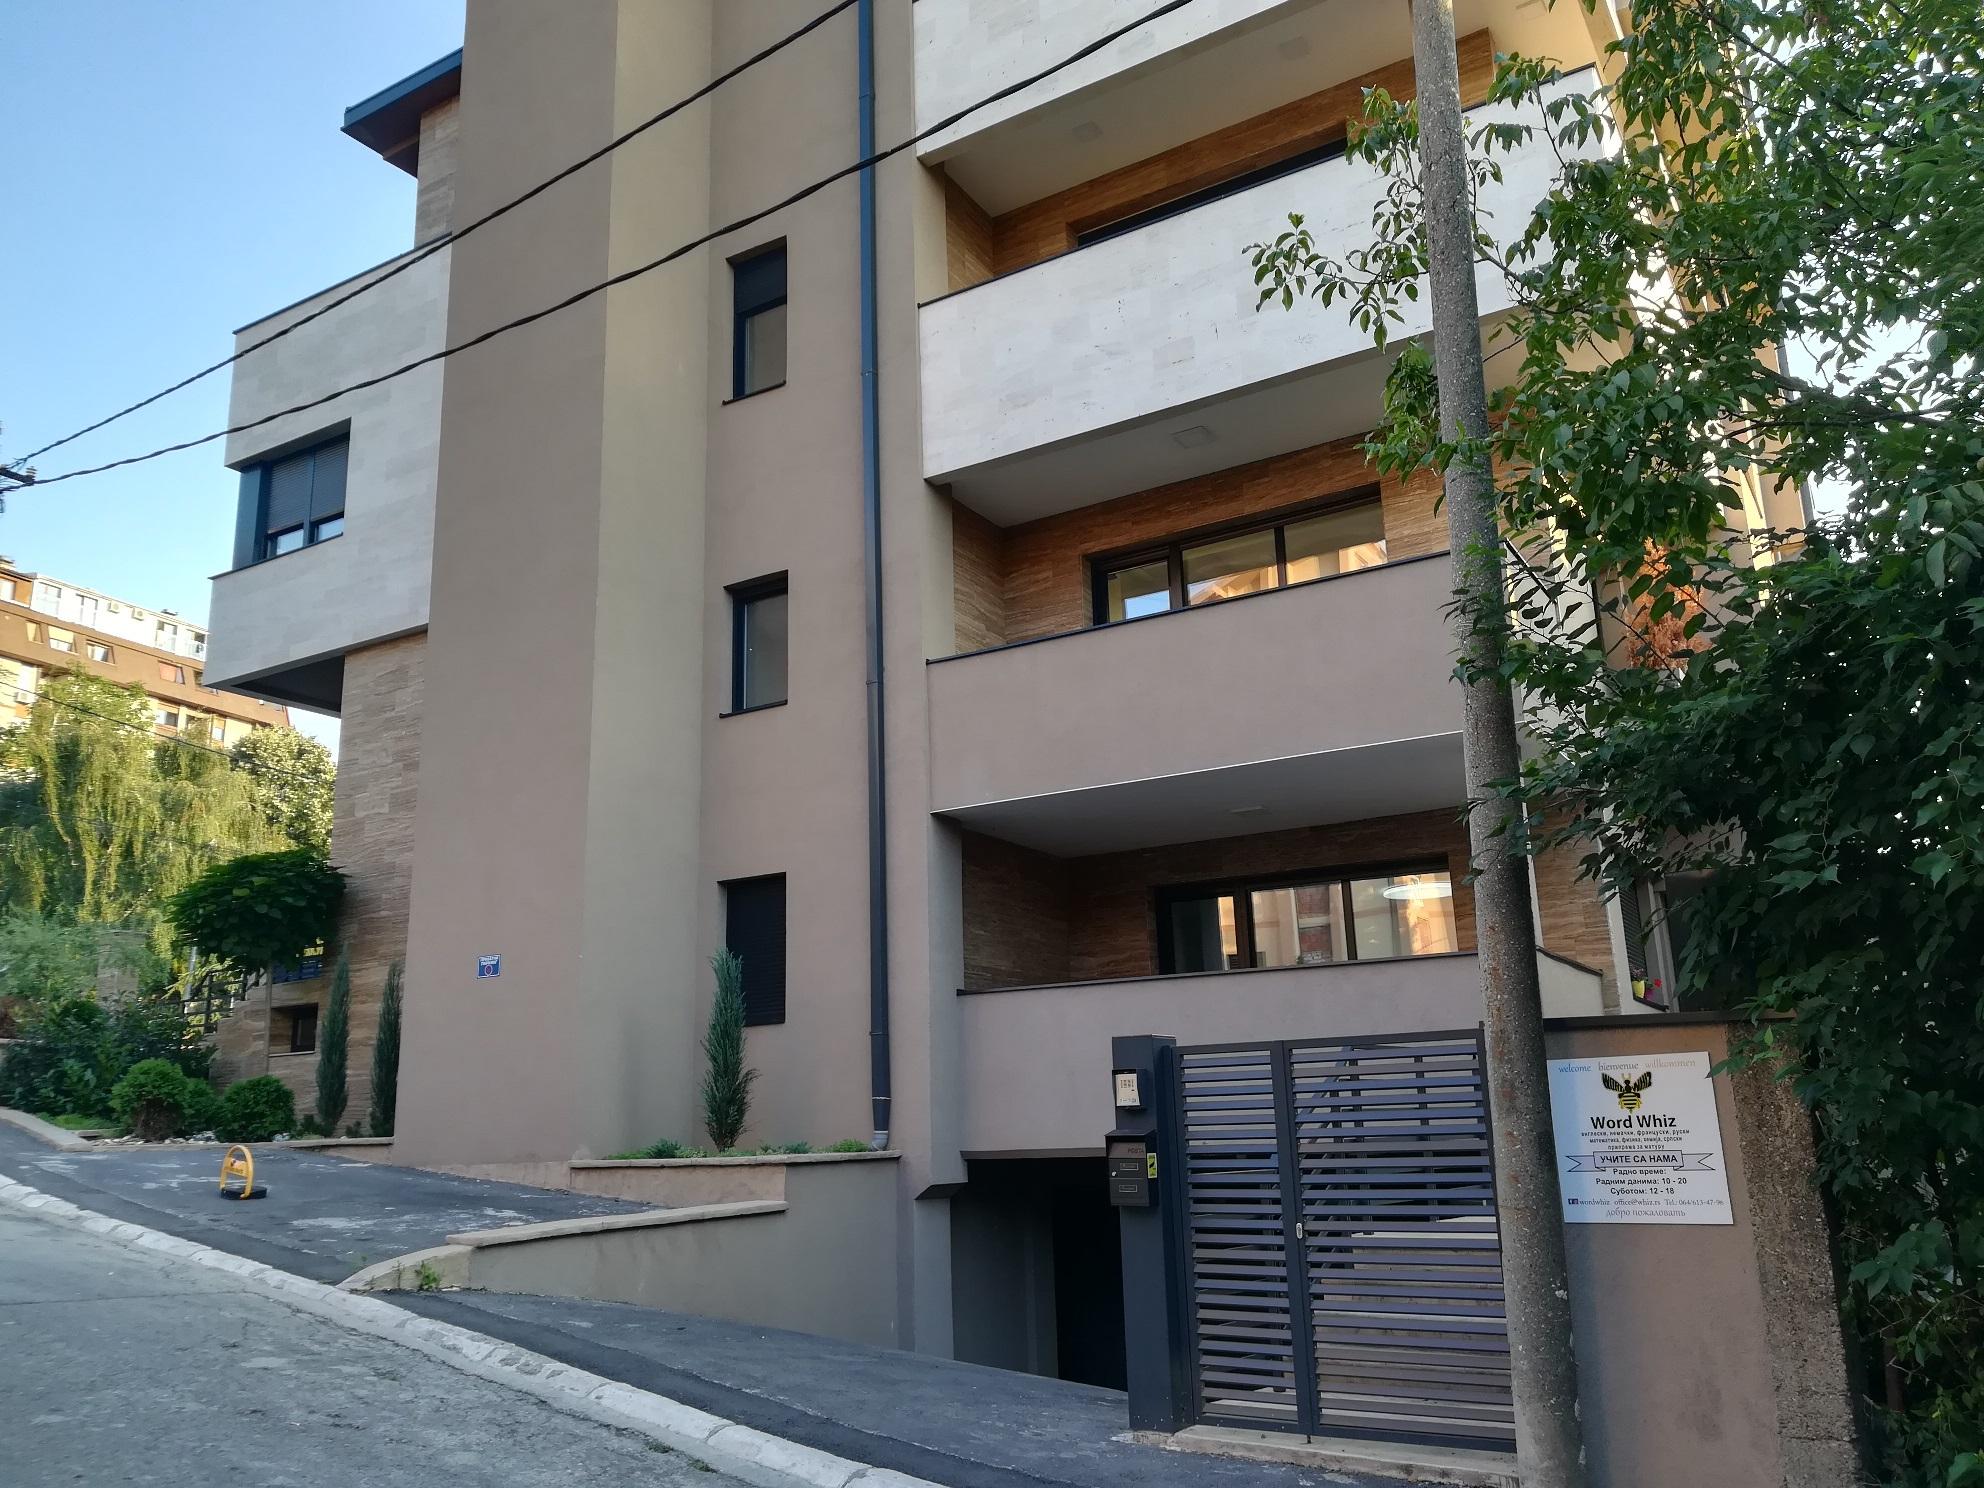 Главни улаз из улице Слободана Принципа - Сеље